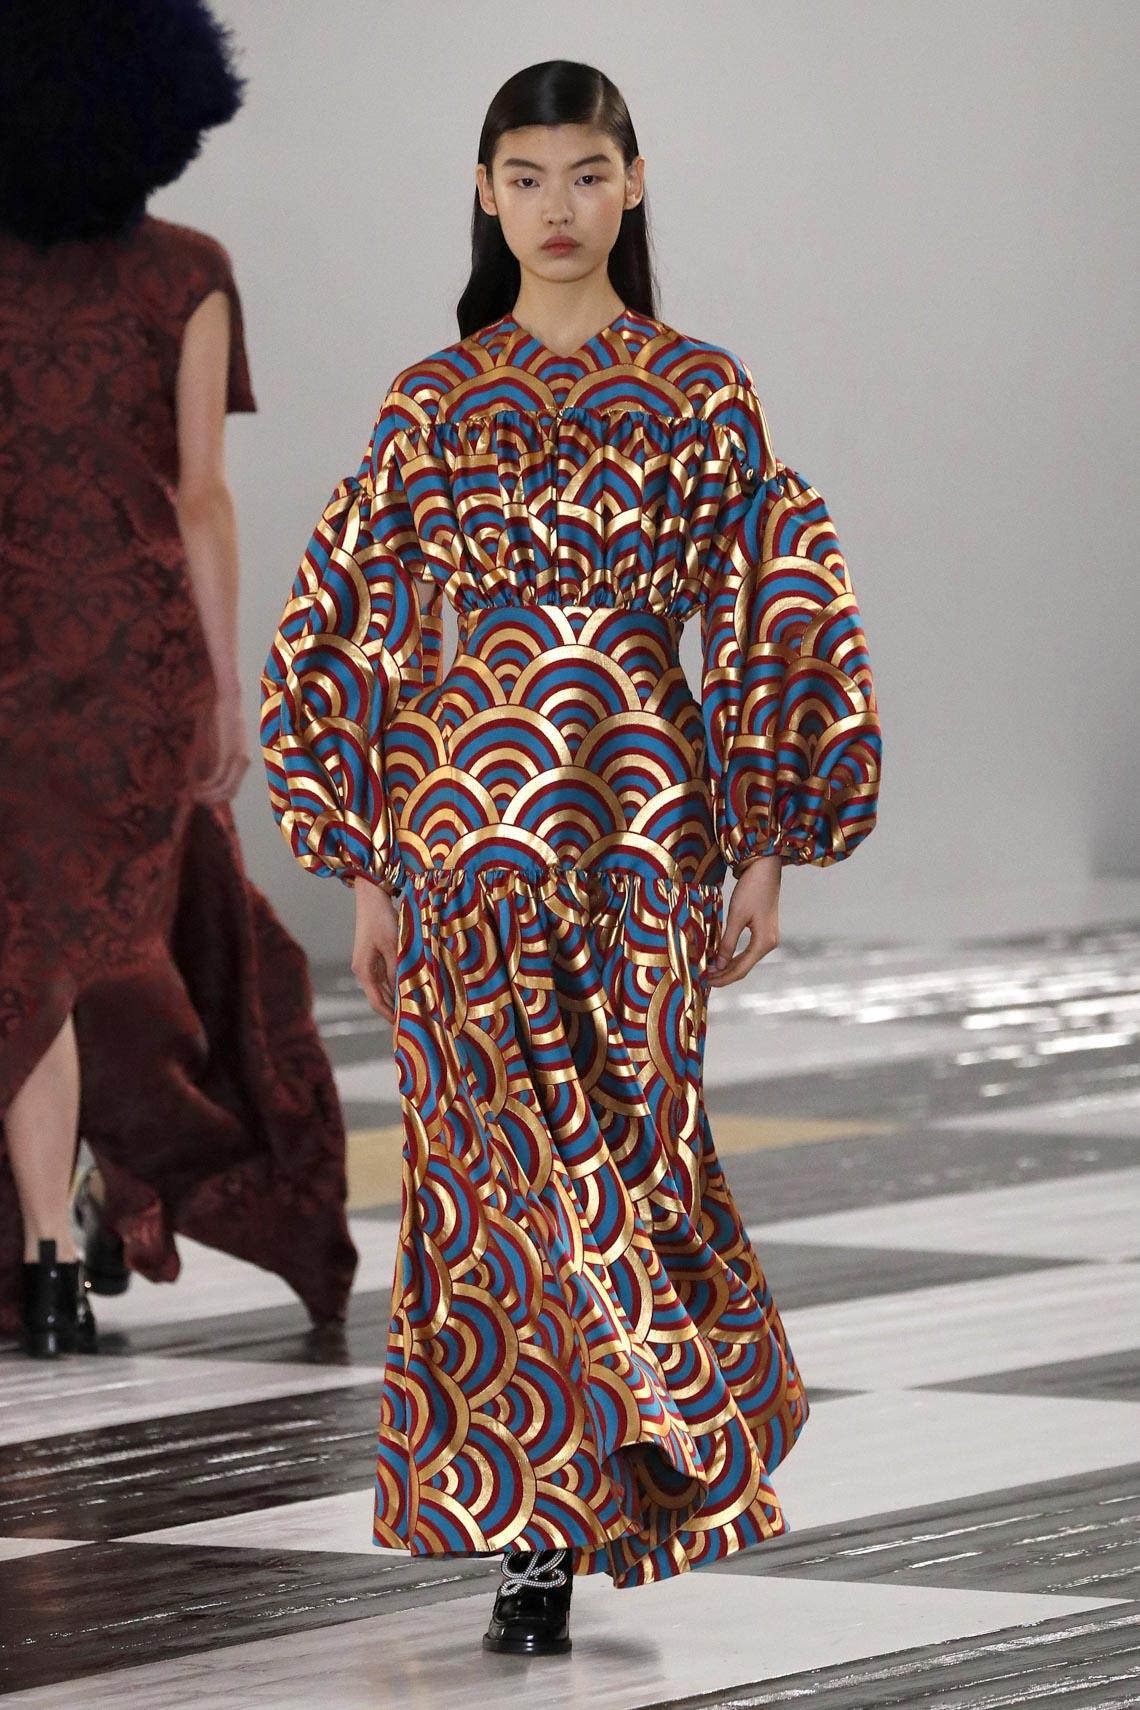 Tuần lễ thời trang Paris 2020 bị ảnh hưởng bởi virus corona -11